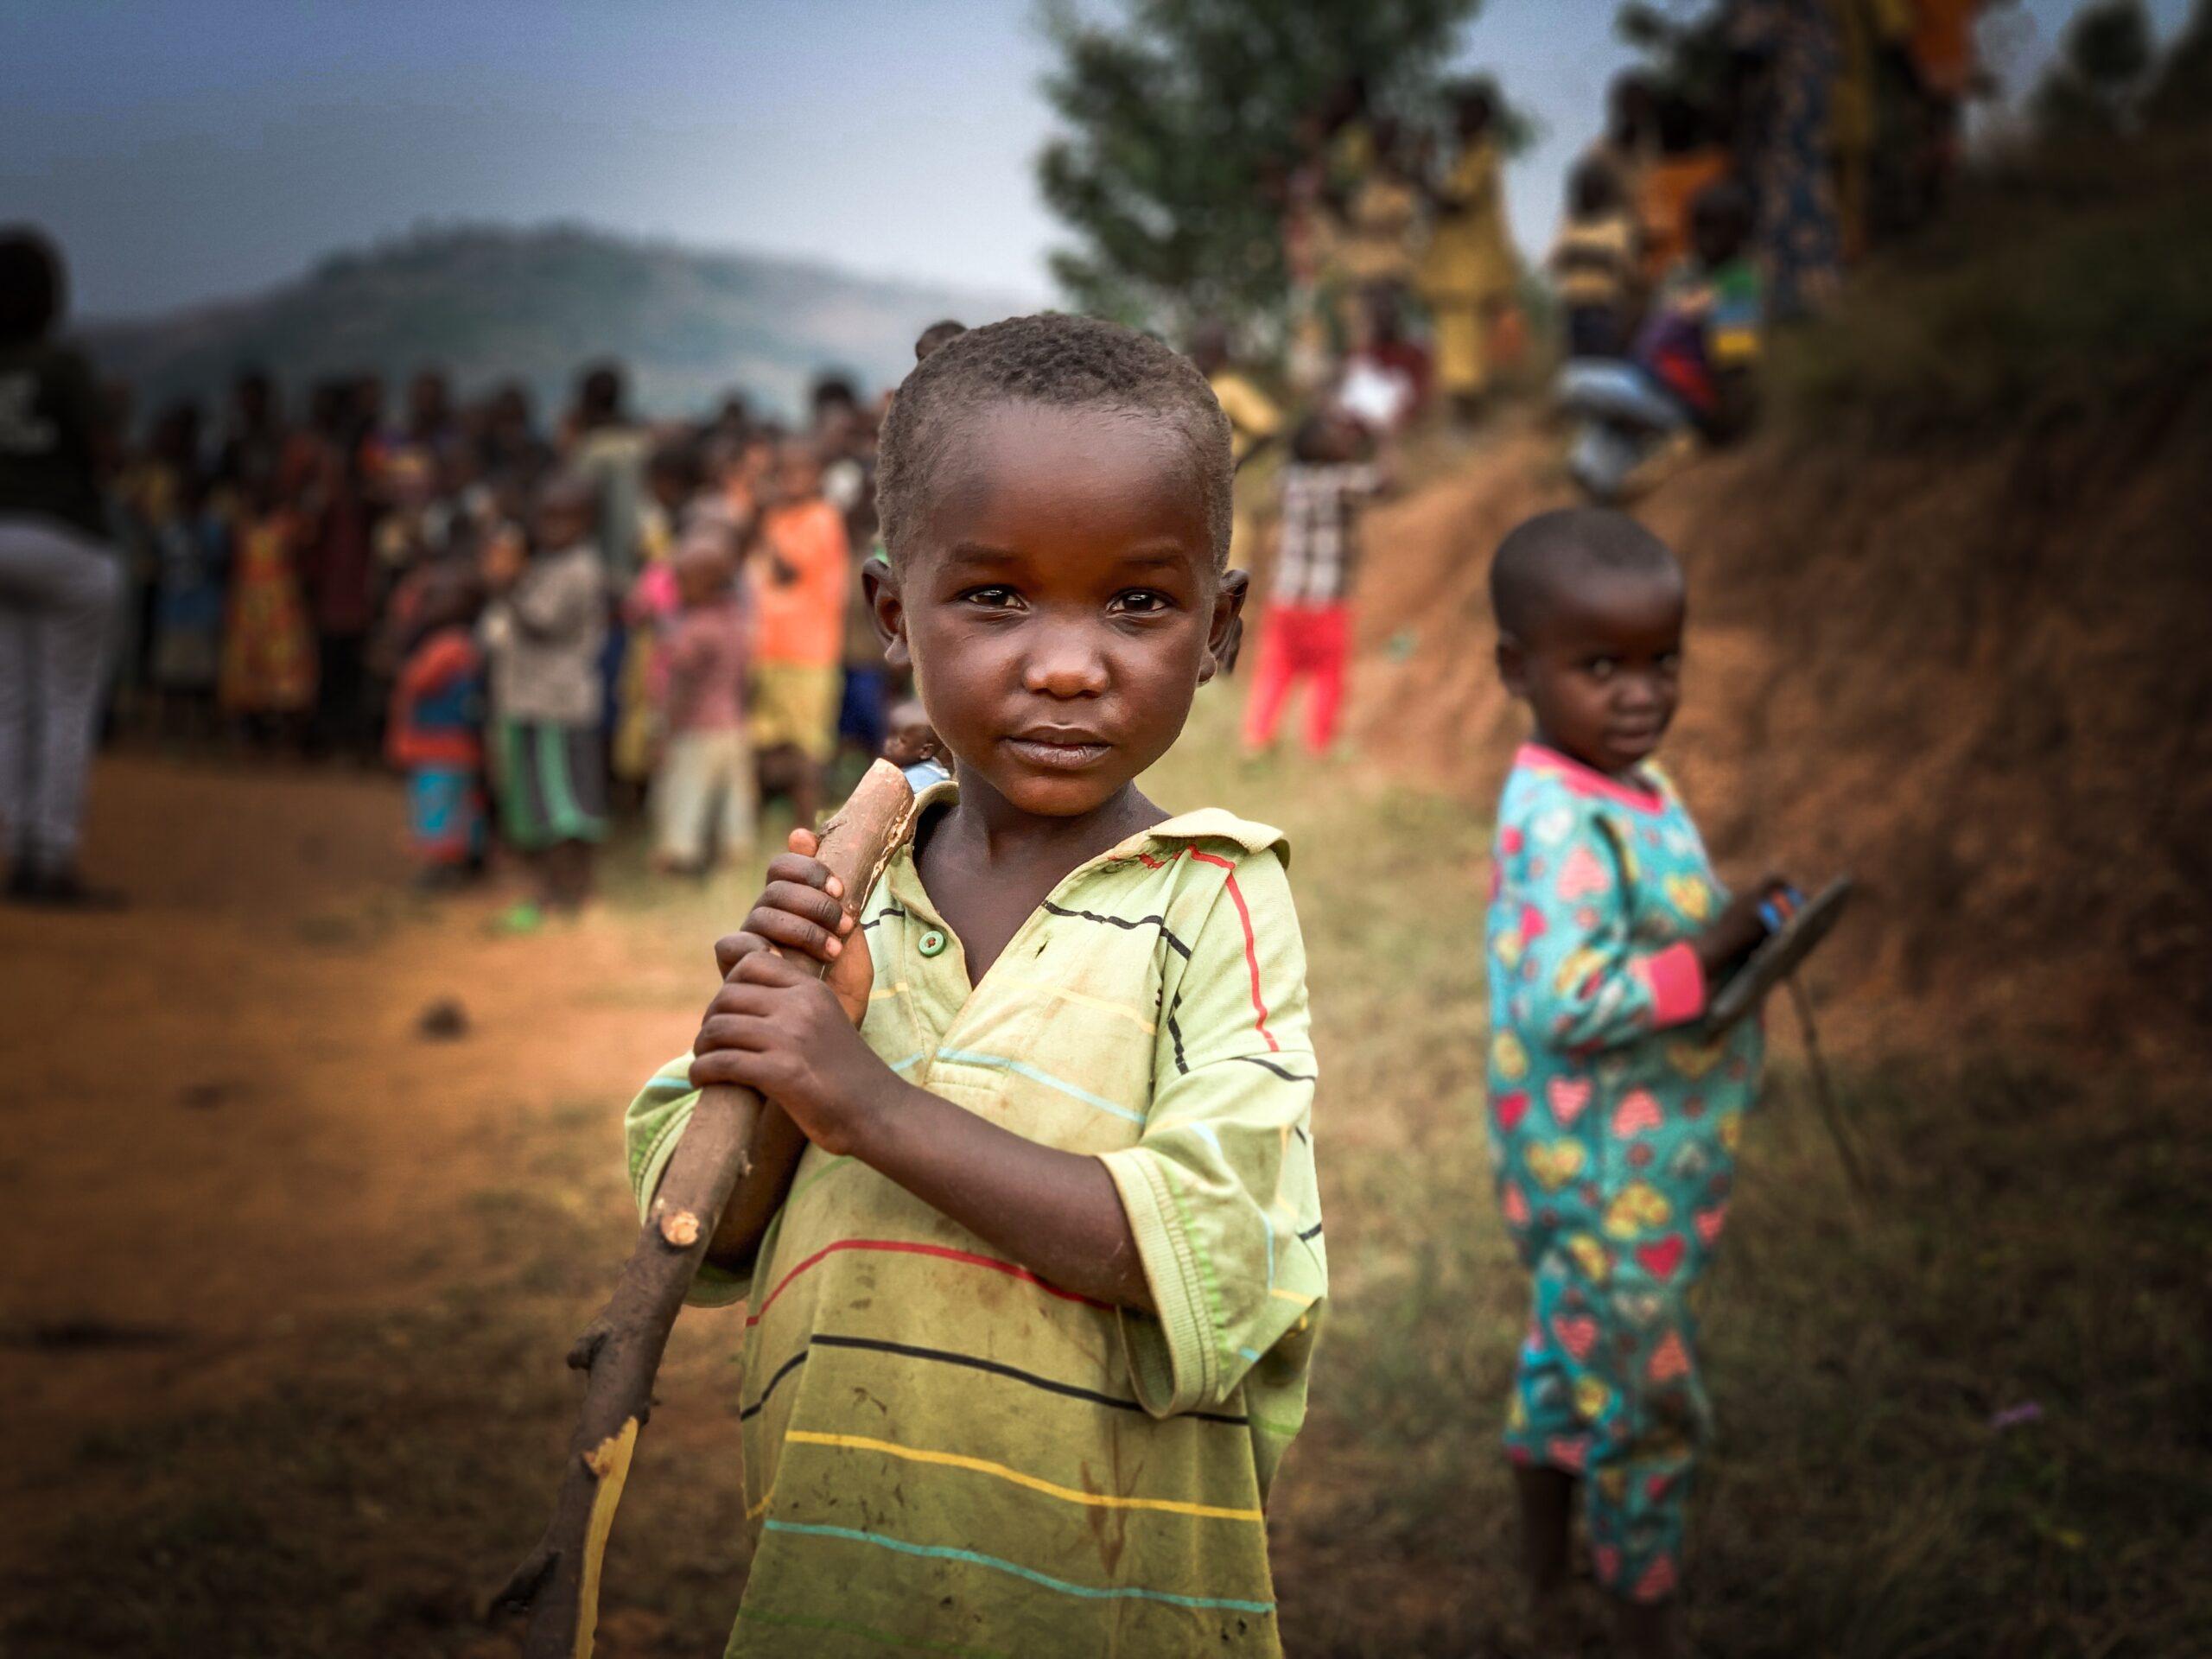 アフリカの医療問題を解決するために